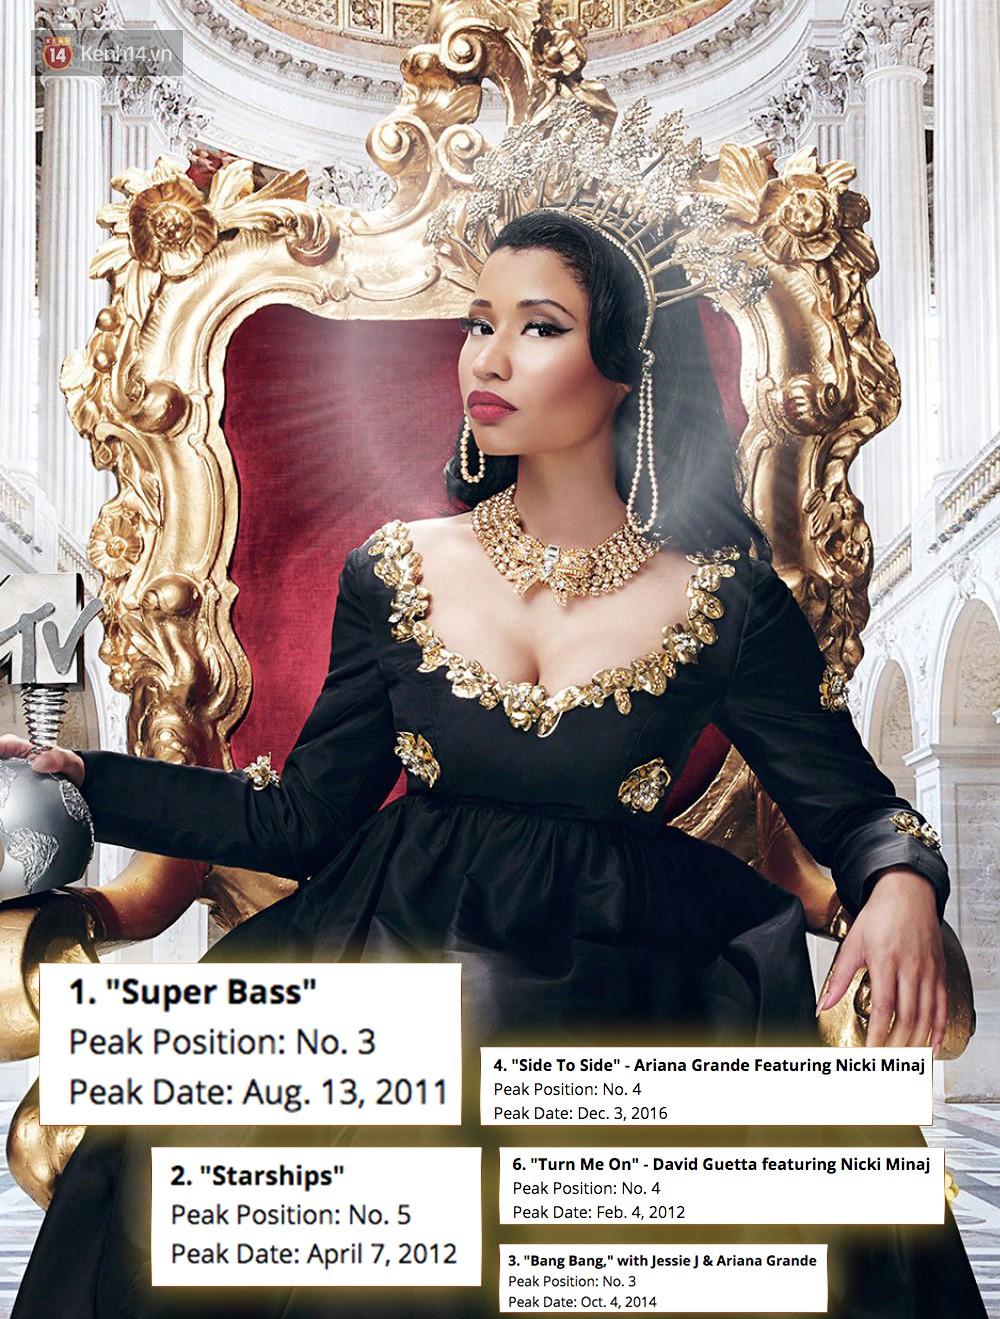 Tin vui là Nicki Minaj có 100 bài hát lọt Billboard Hot 100, còn tin buồn là chả bài nào được No.1 cả - Ảnh 1.